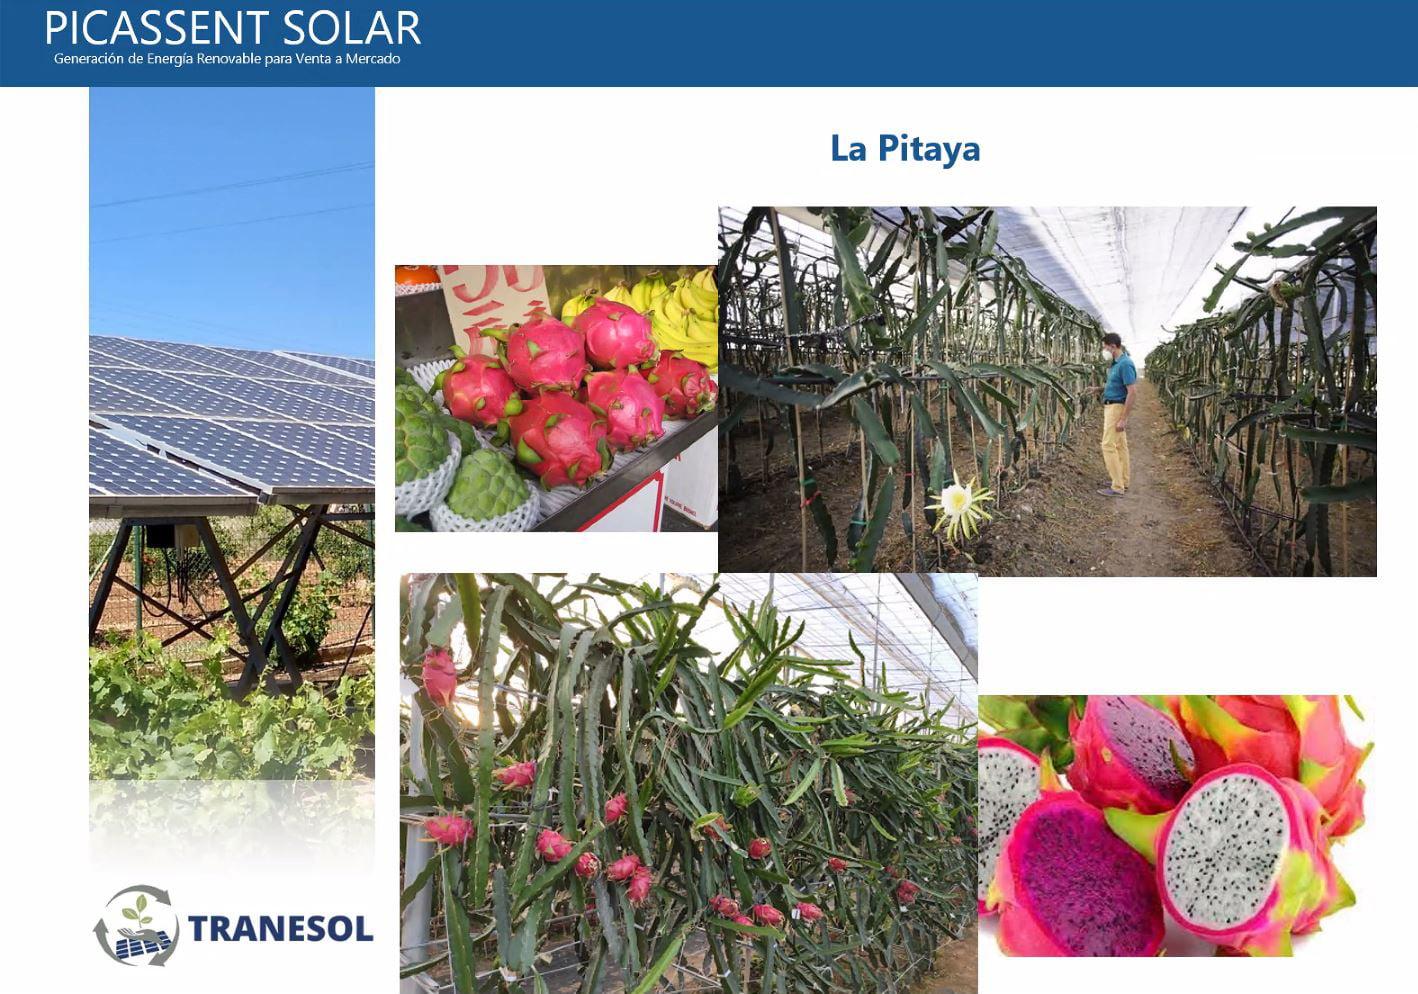 Comunidades Energéticas Renovables Agro-fotovoltaicas-02